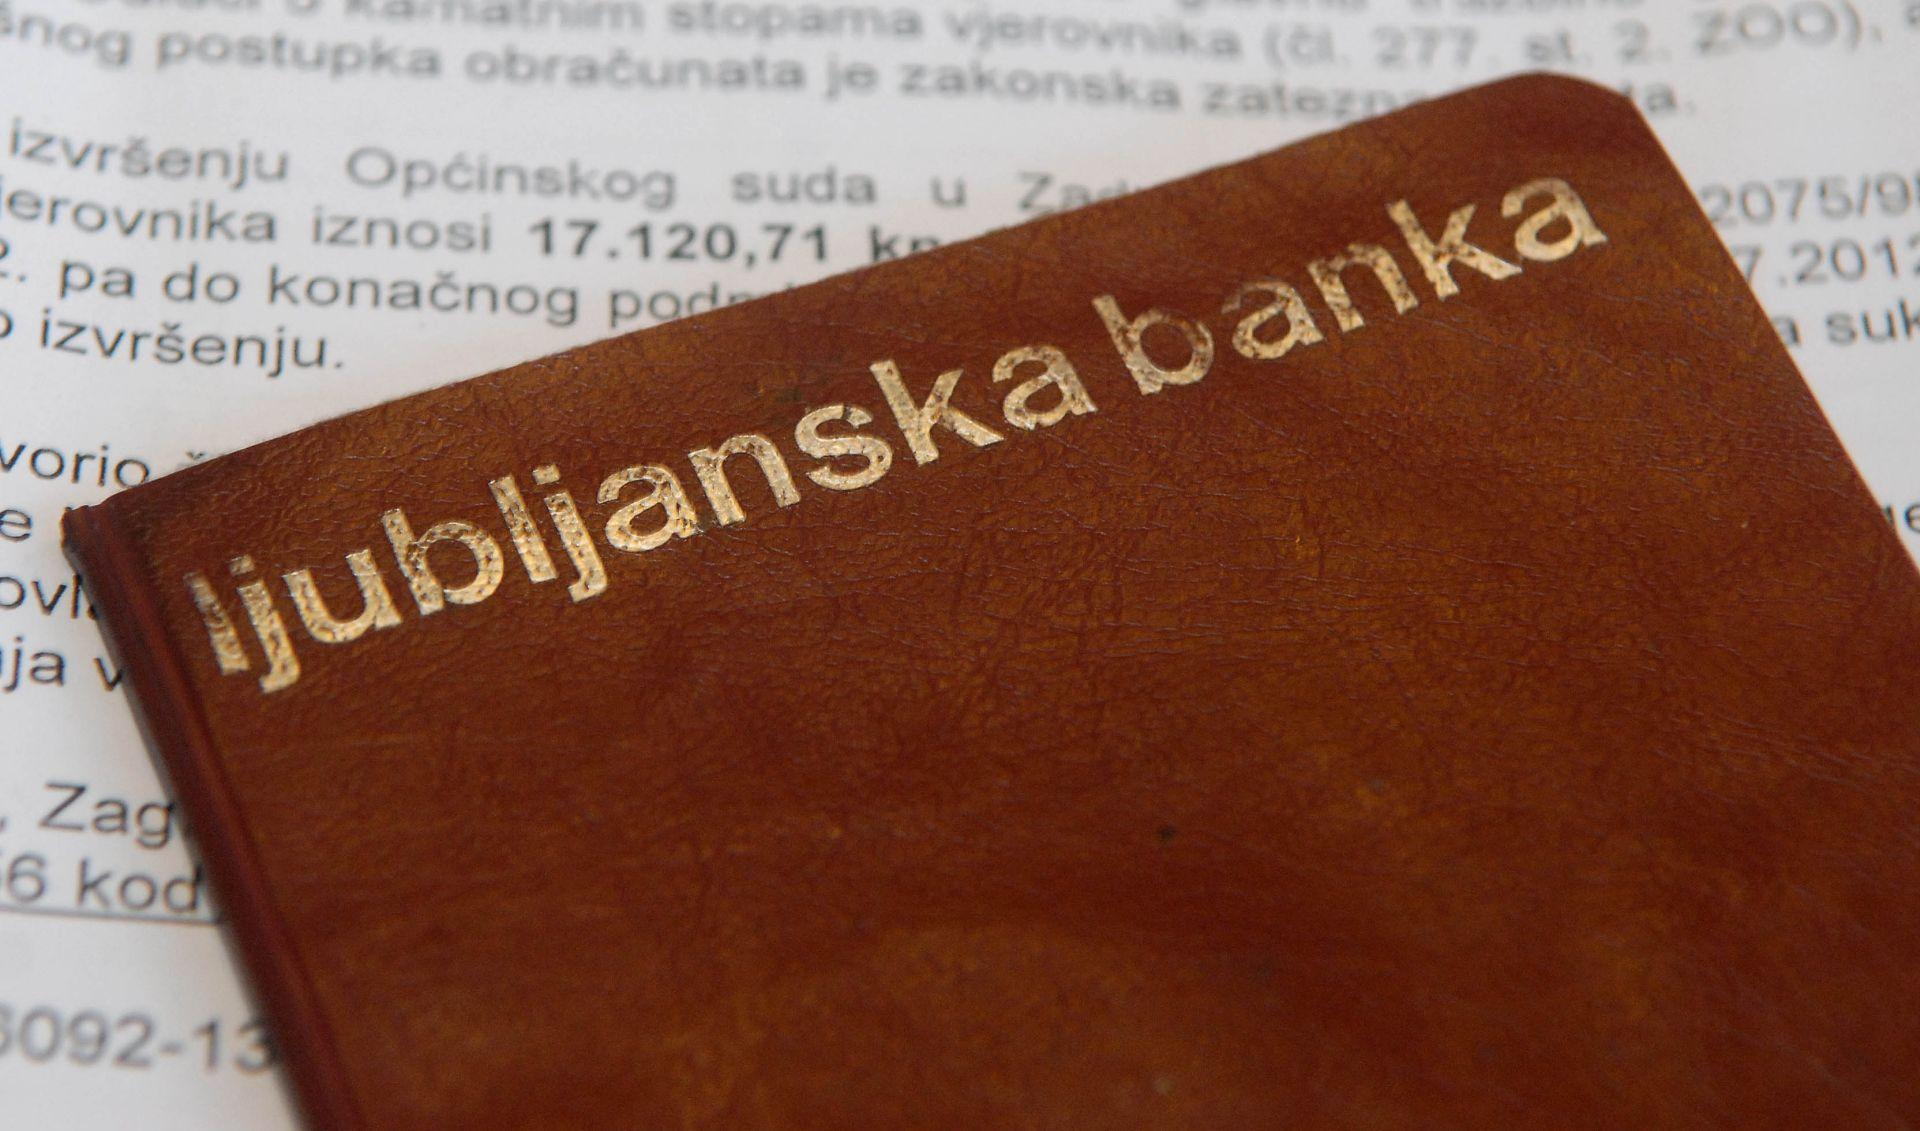 Slovenija dosad isplatila više od 100 milijuna eura štedišama Ljubljanske banke